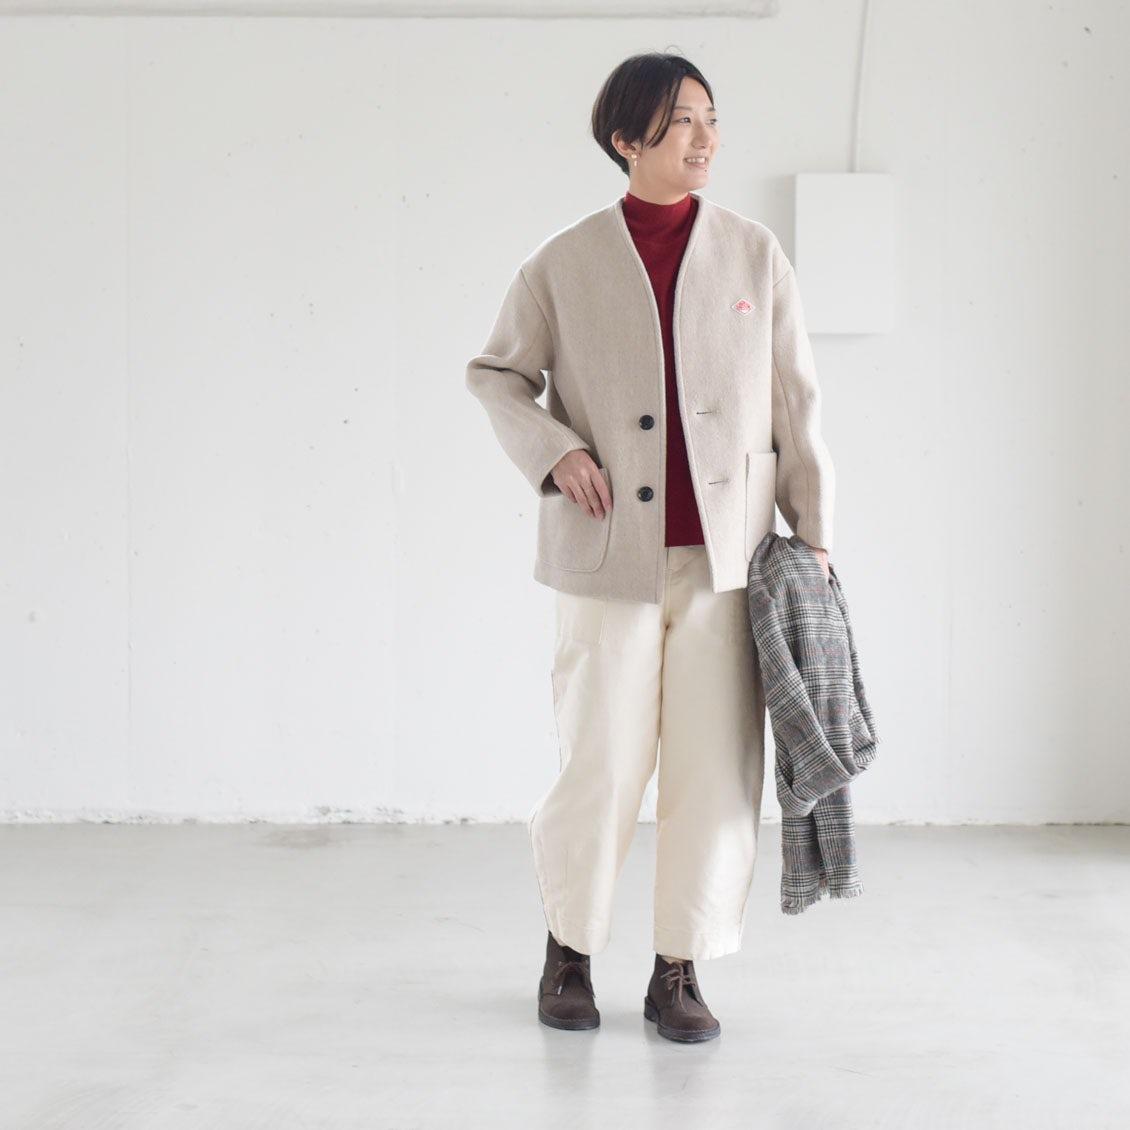 【着用レビュー】2サイズから選べる「DANTONのコート」を4名のスタッフが着てみました!